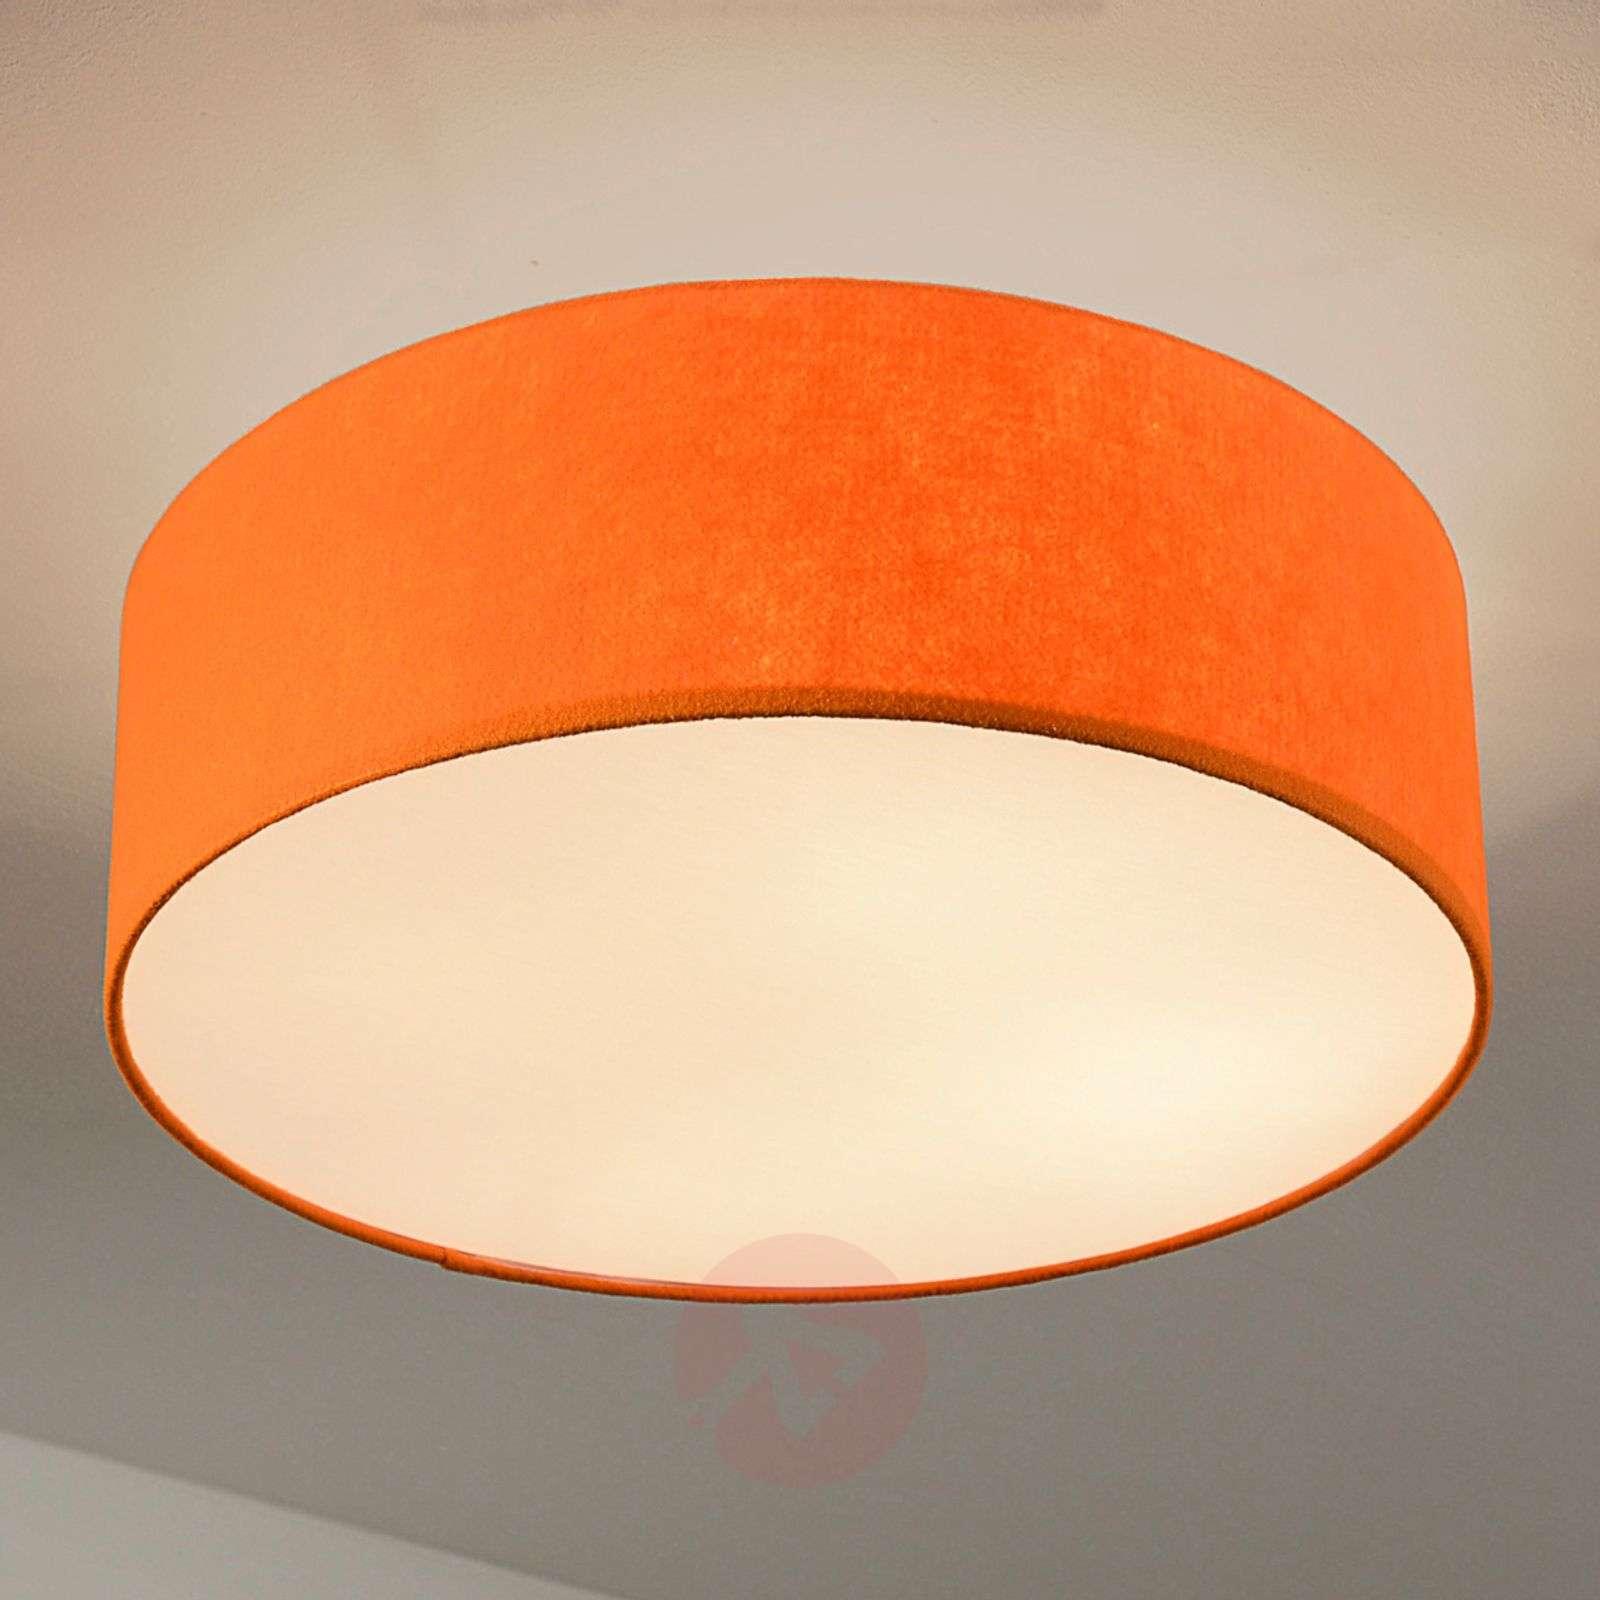 Gala-kattovalaisin, 50 cm, oranssi huopa-6722207-02